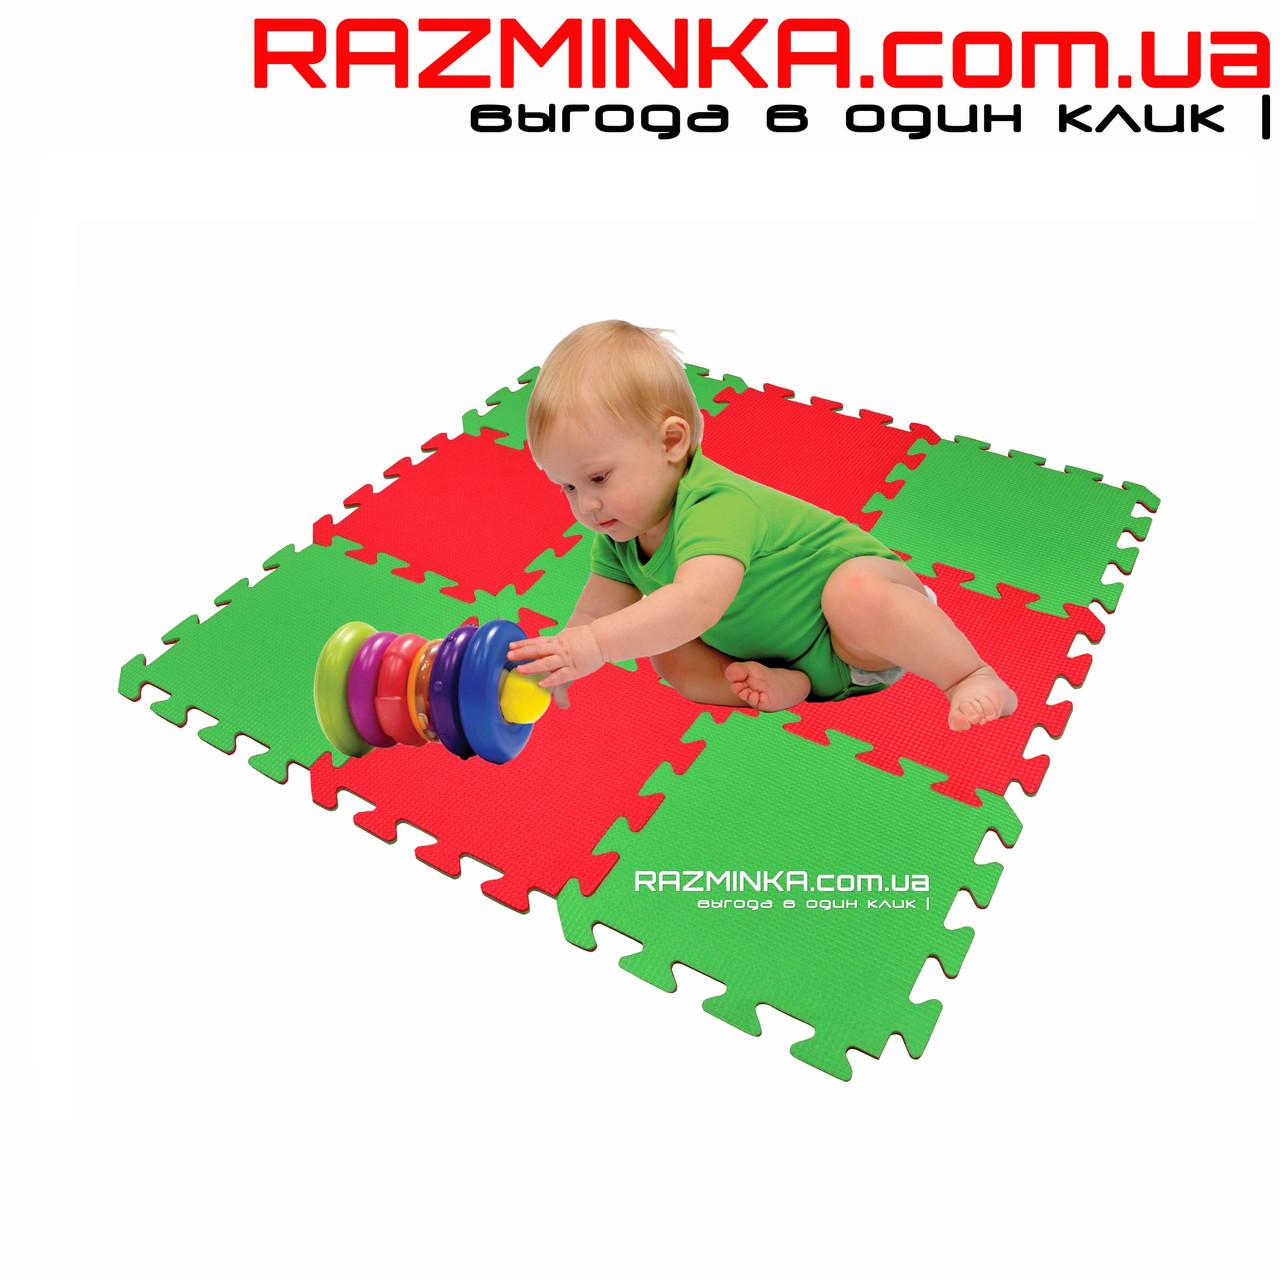 Напольный коврик-пазл для детей TOP-TOP 300х300х8мм (х9) - оптово-розничный интернет магазин Разминка в Днепре